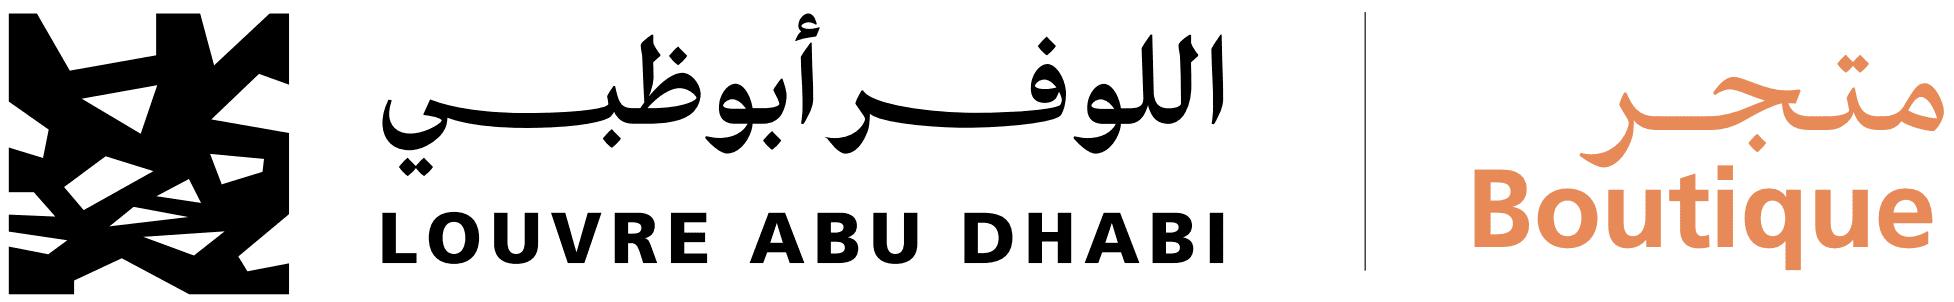 متجر متحف اللوفر أبوظبي